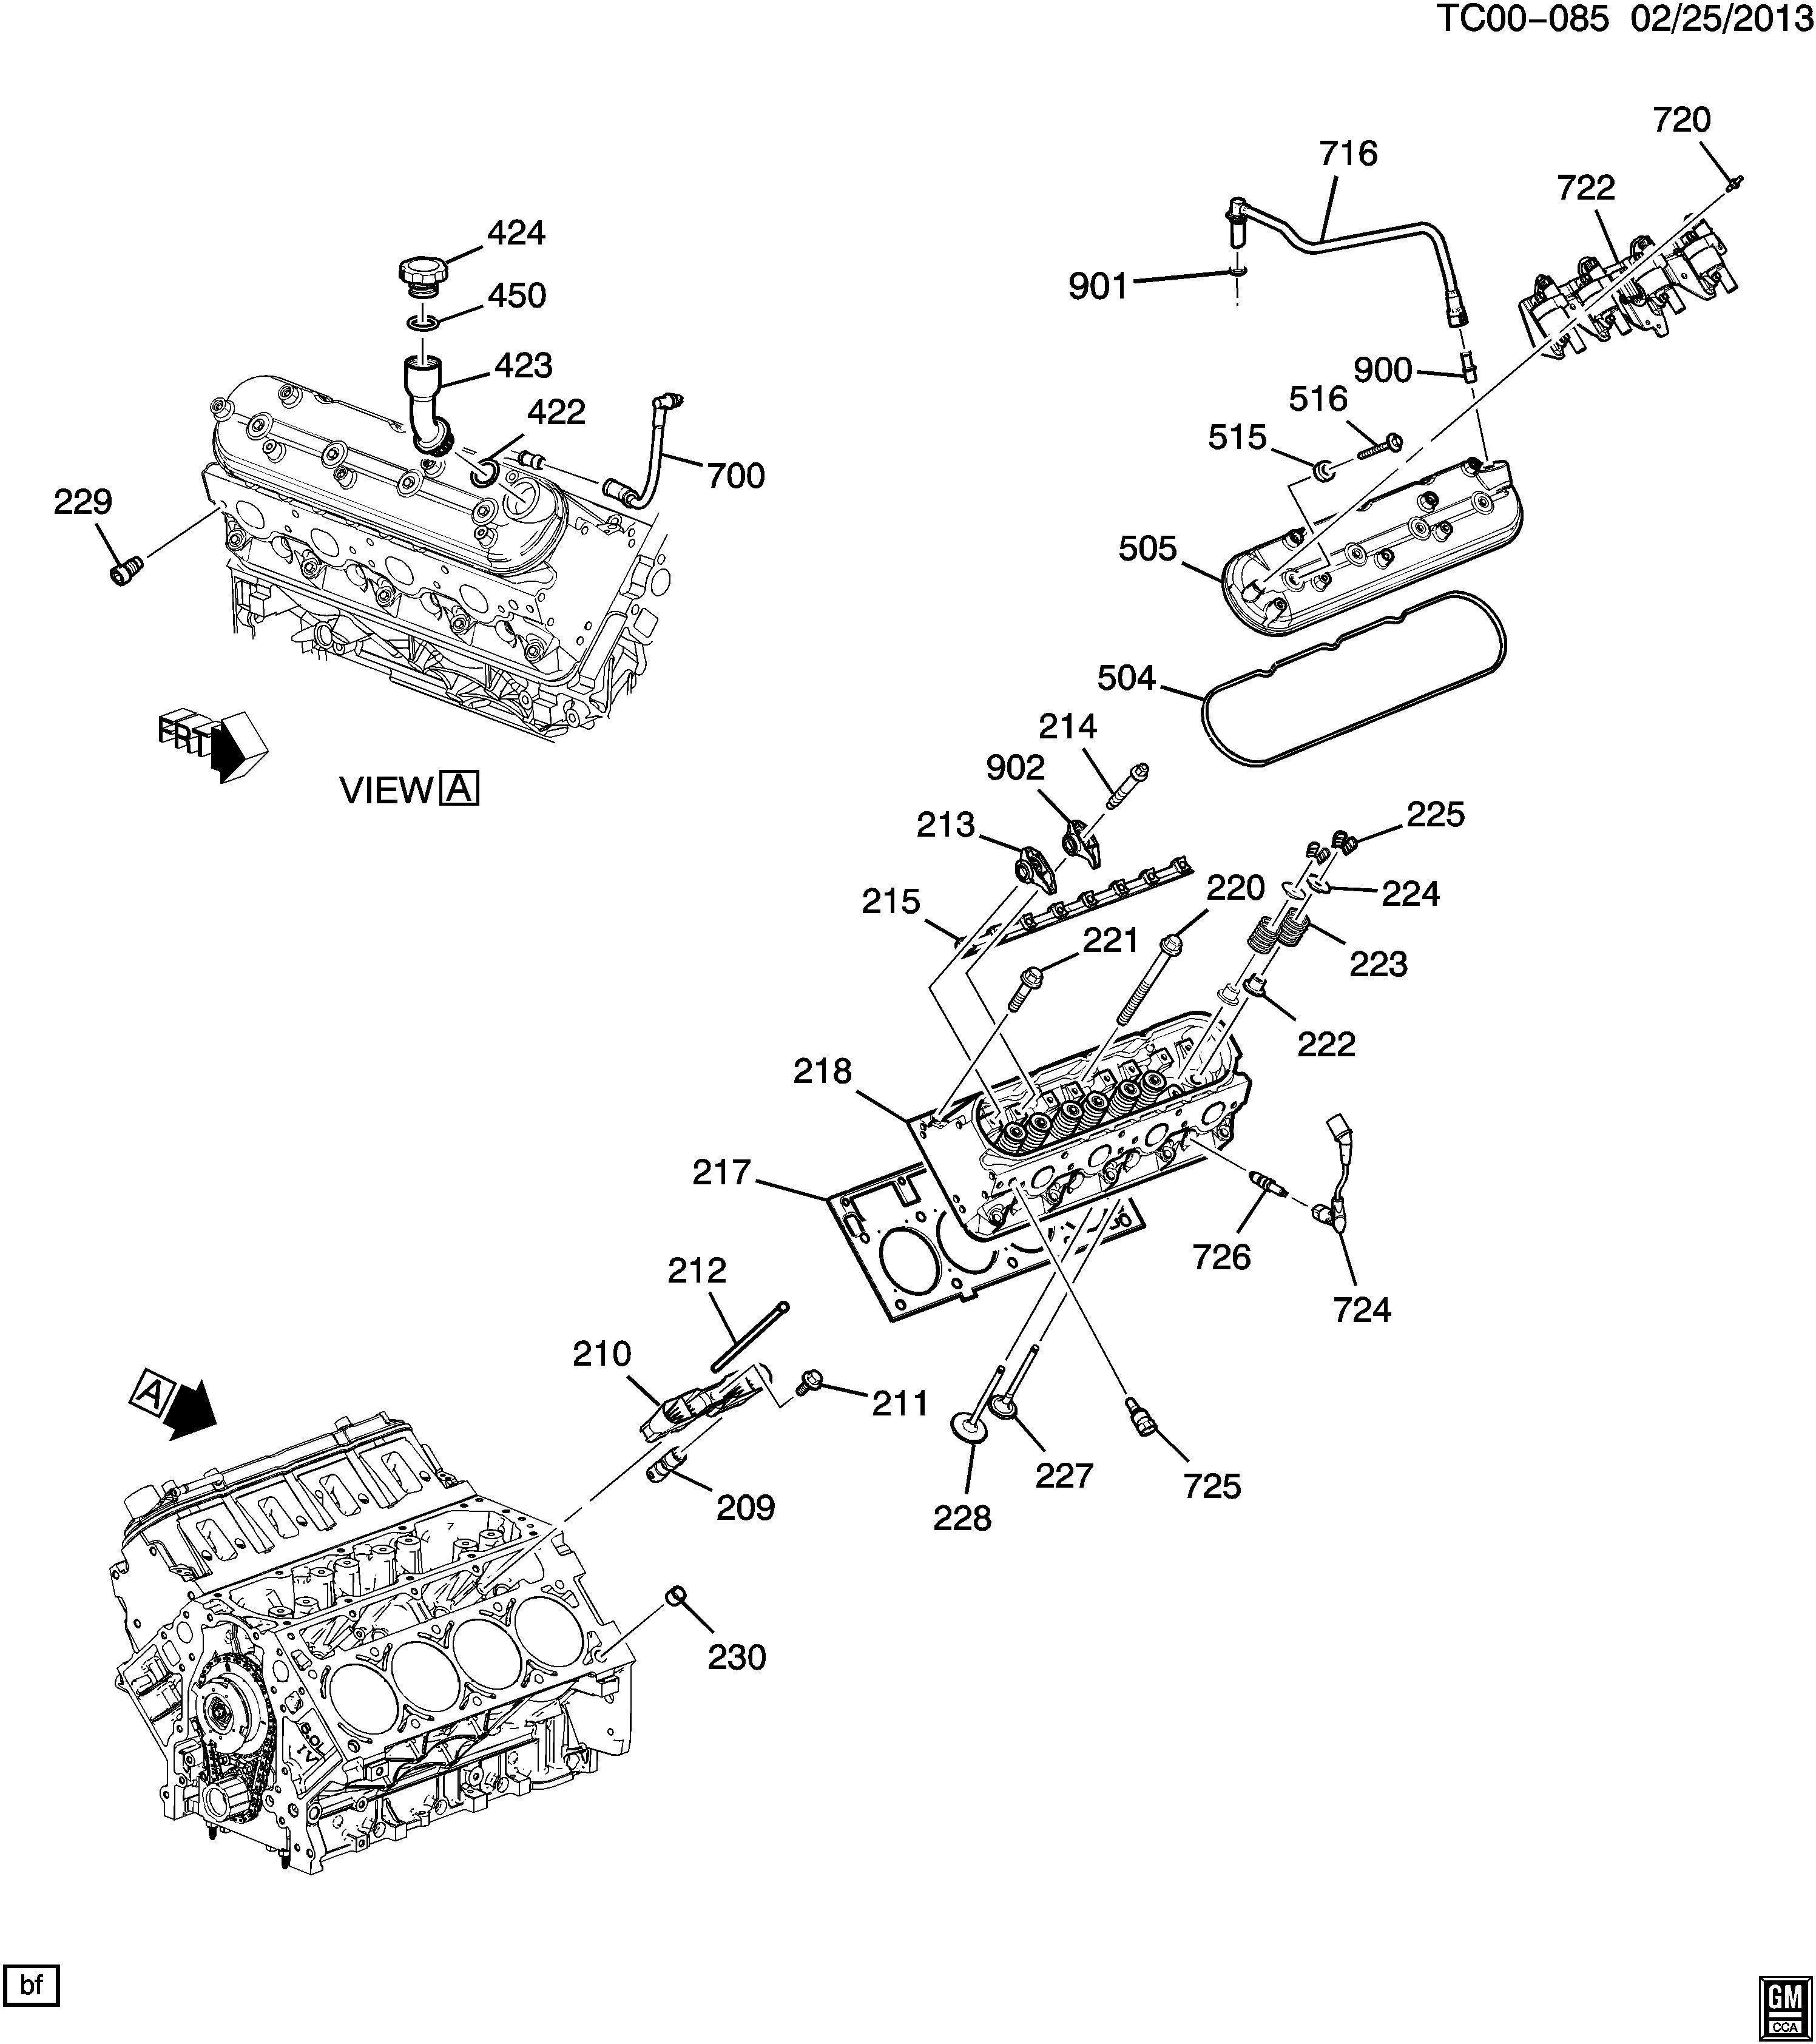 Chevrolet Silverado Tube Engine Crankcase Ventilation